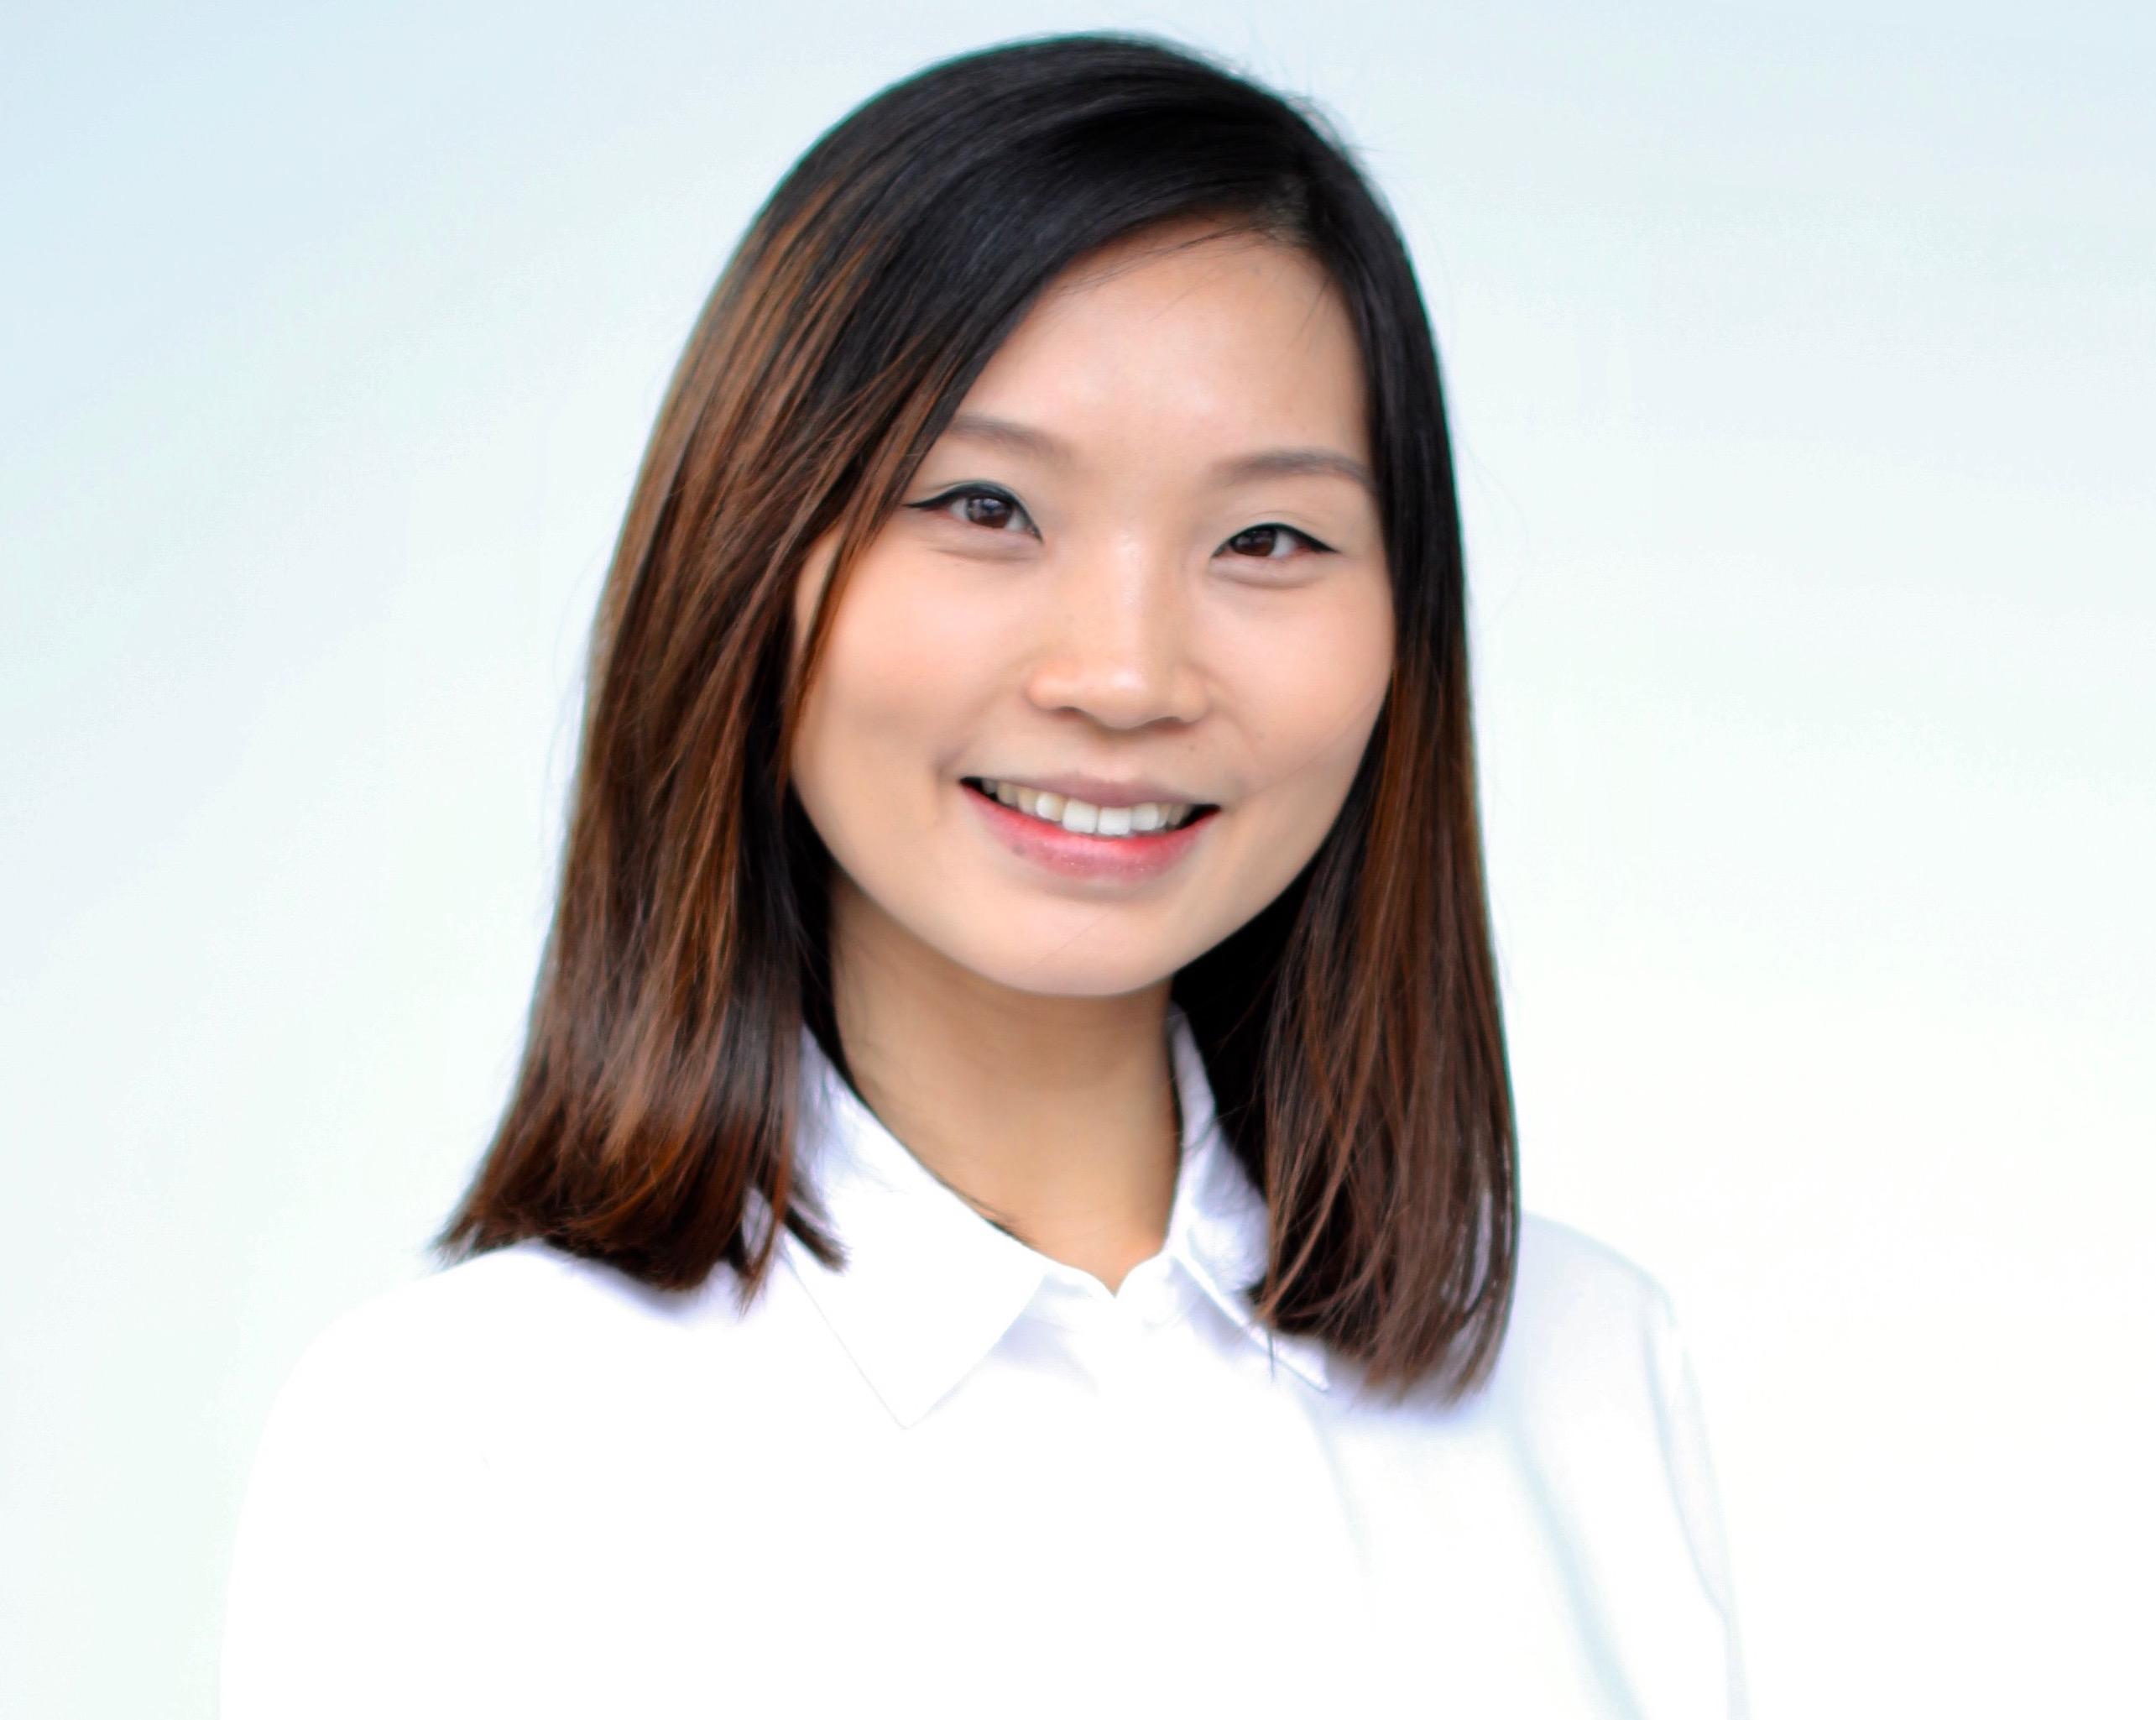 zheng-jie-cropped